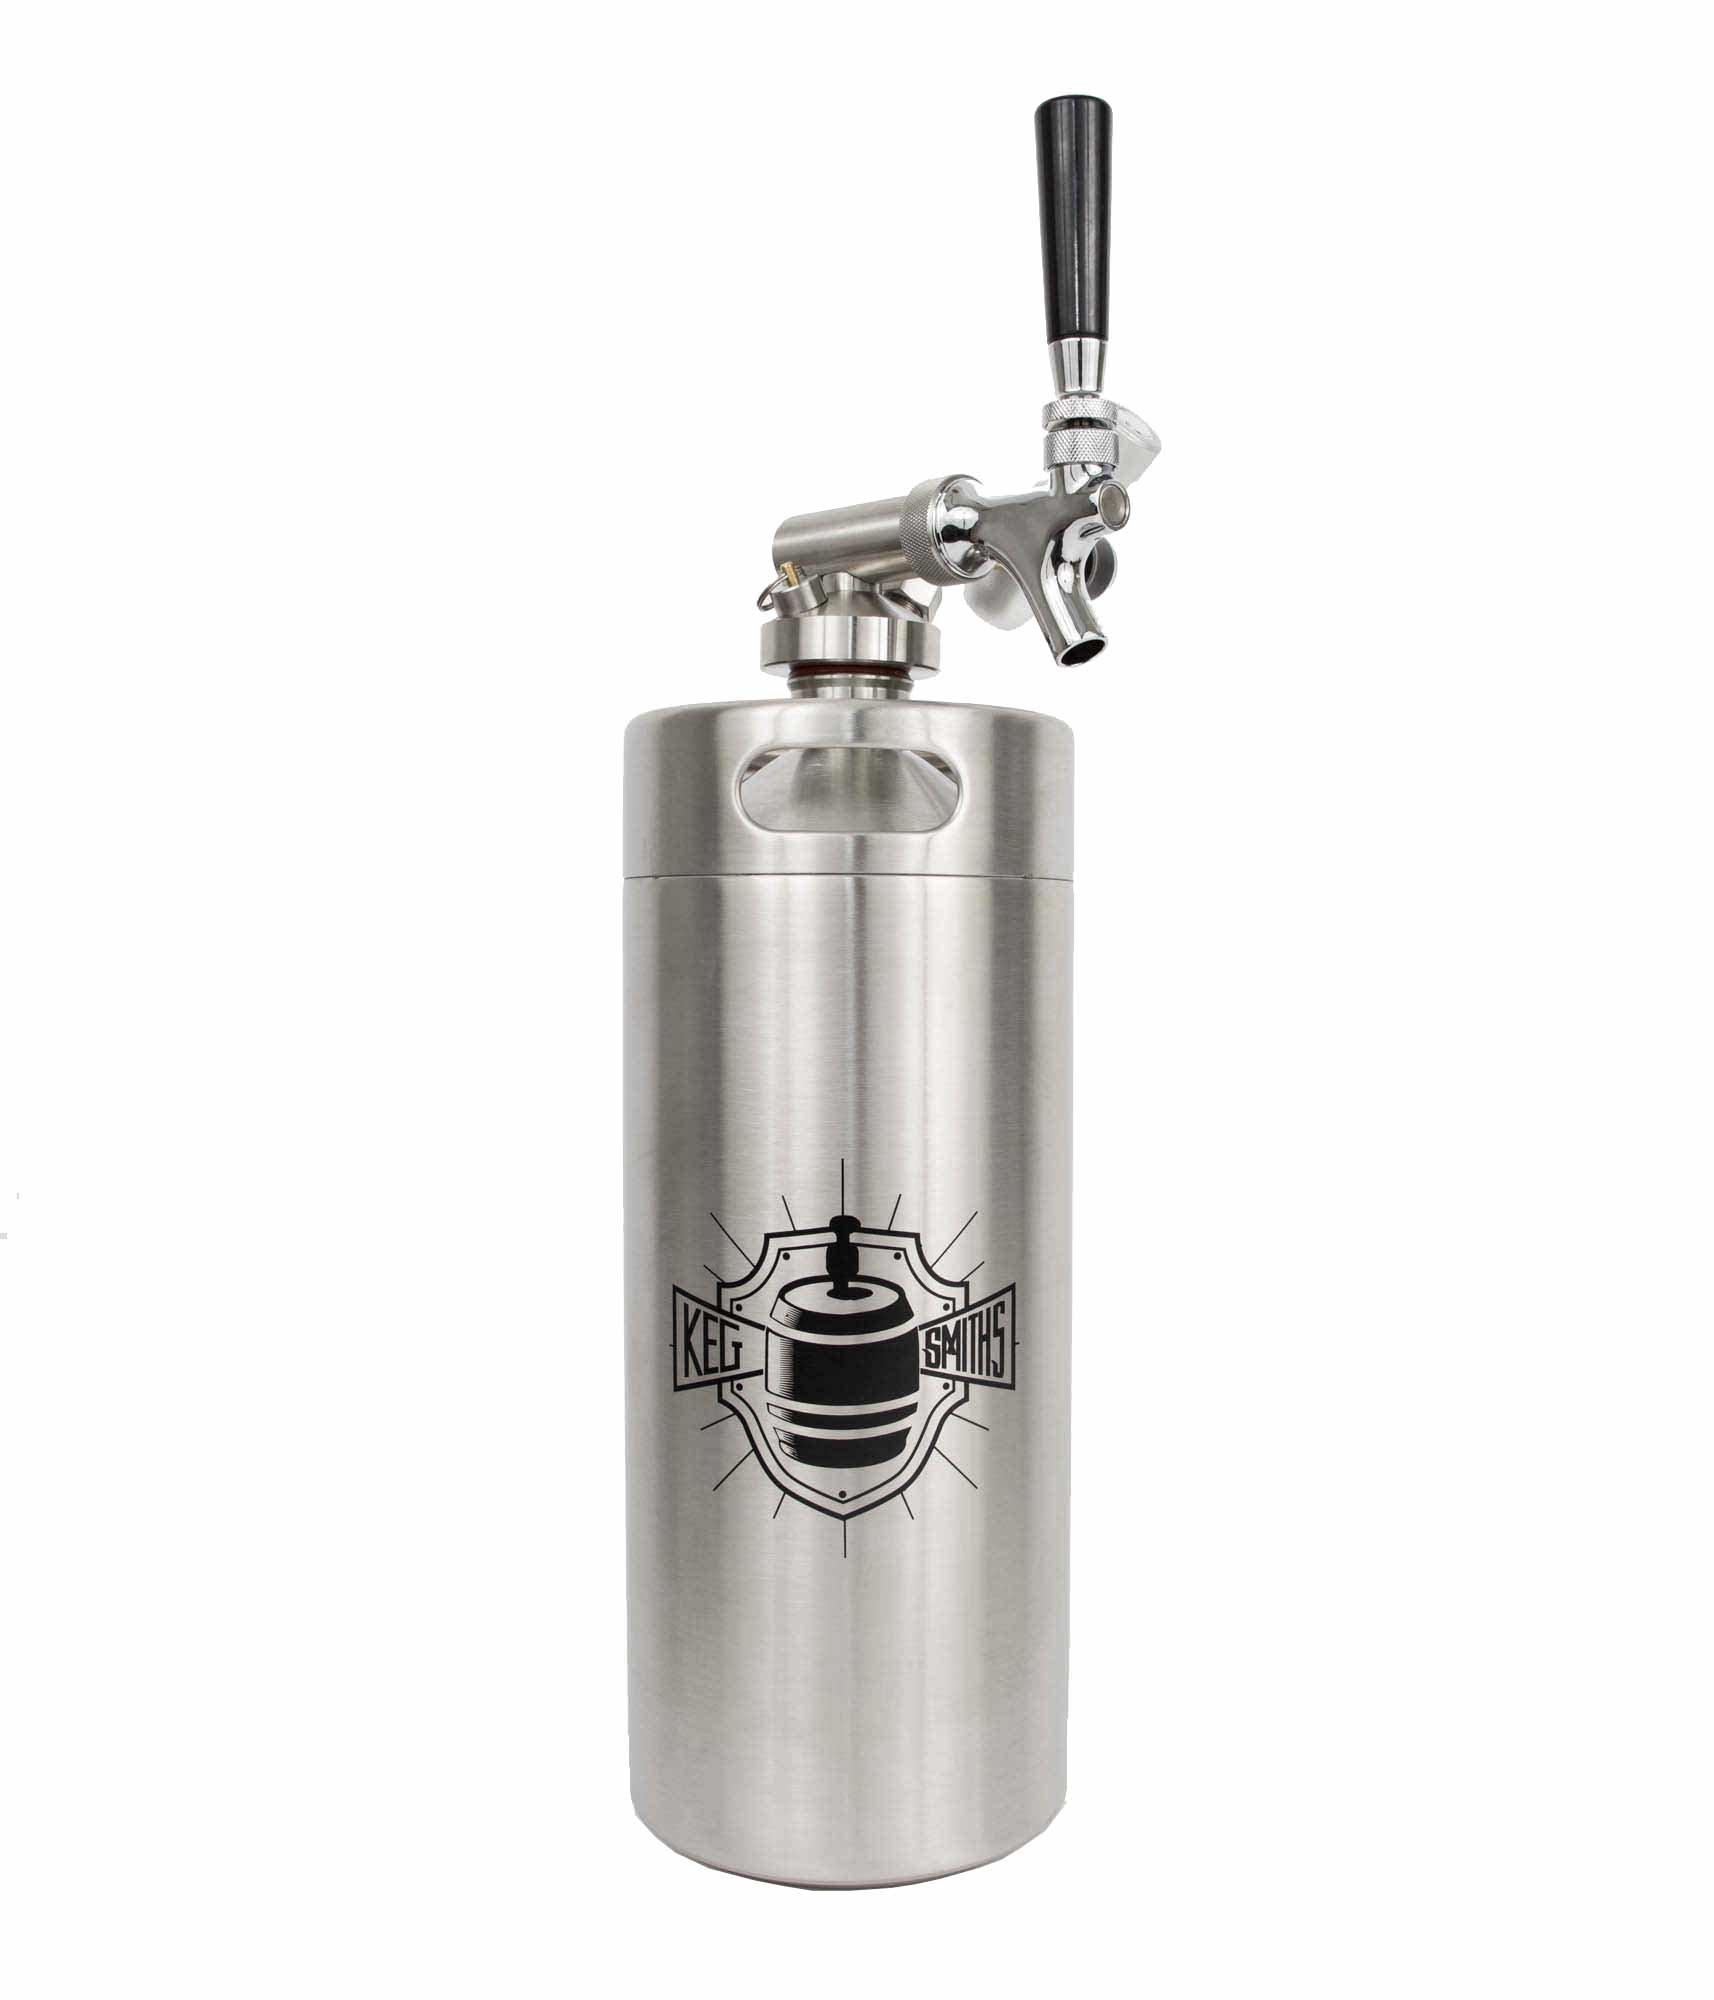 Keg Smiths 128 oz Portable Draft Keg System | CO2 Regulated | Stainless Steel Keg | 8 Pint | Mini Keg Draft System